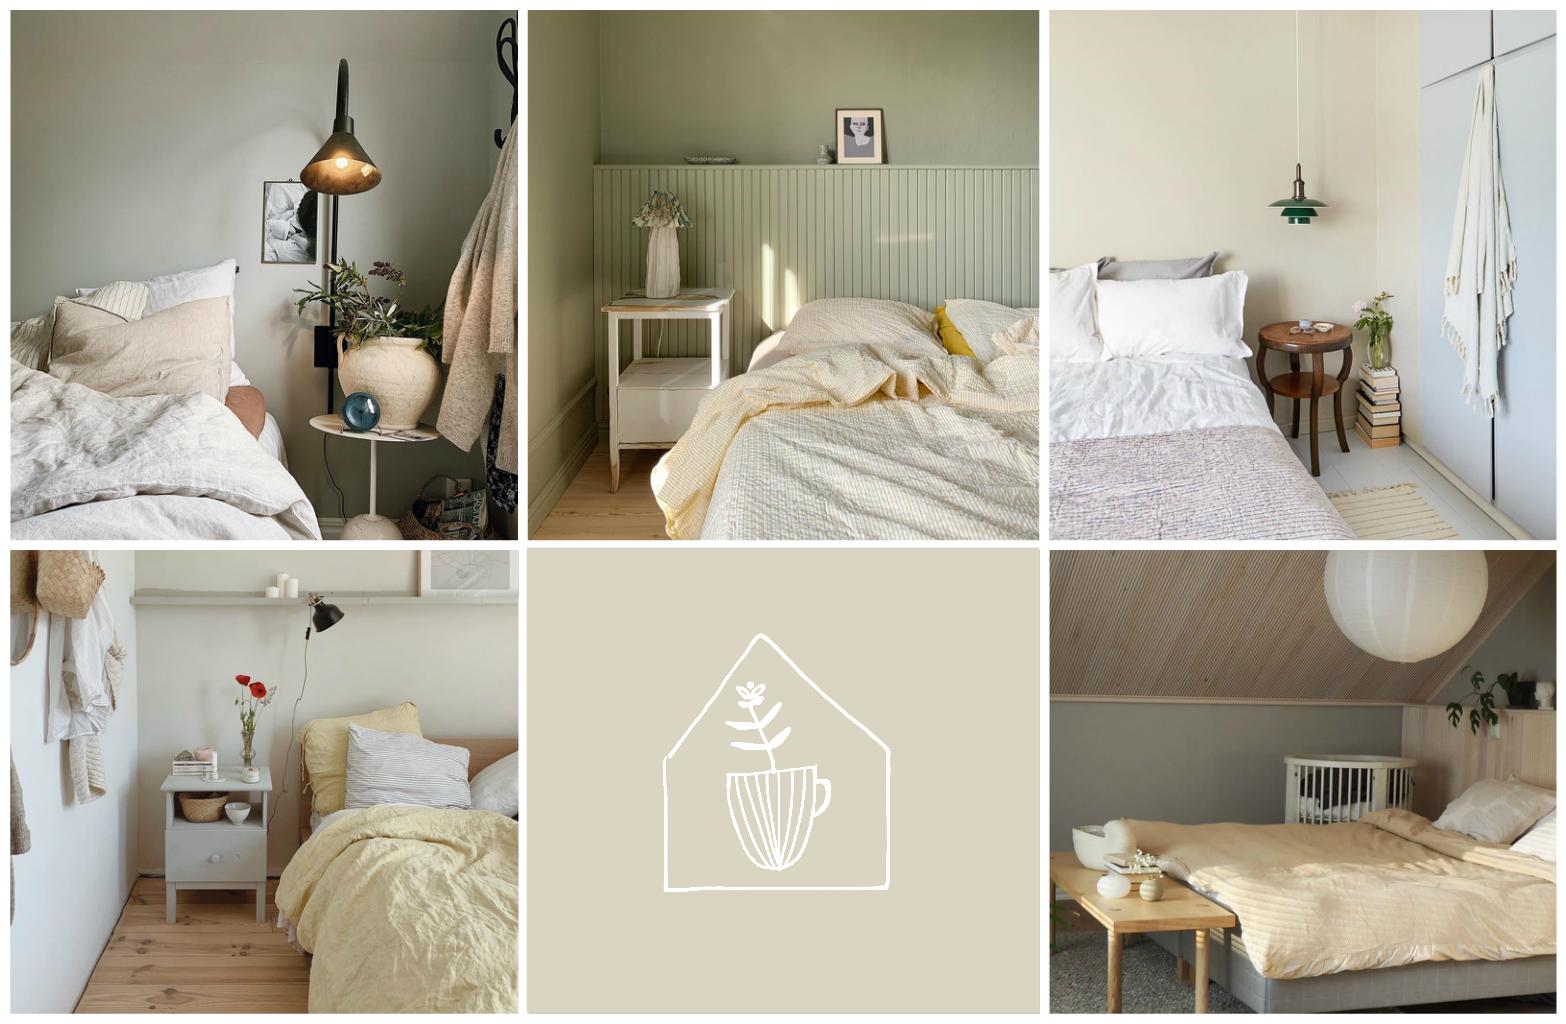 4 consigli per una camera più accogliente